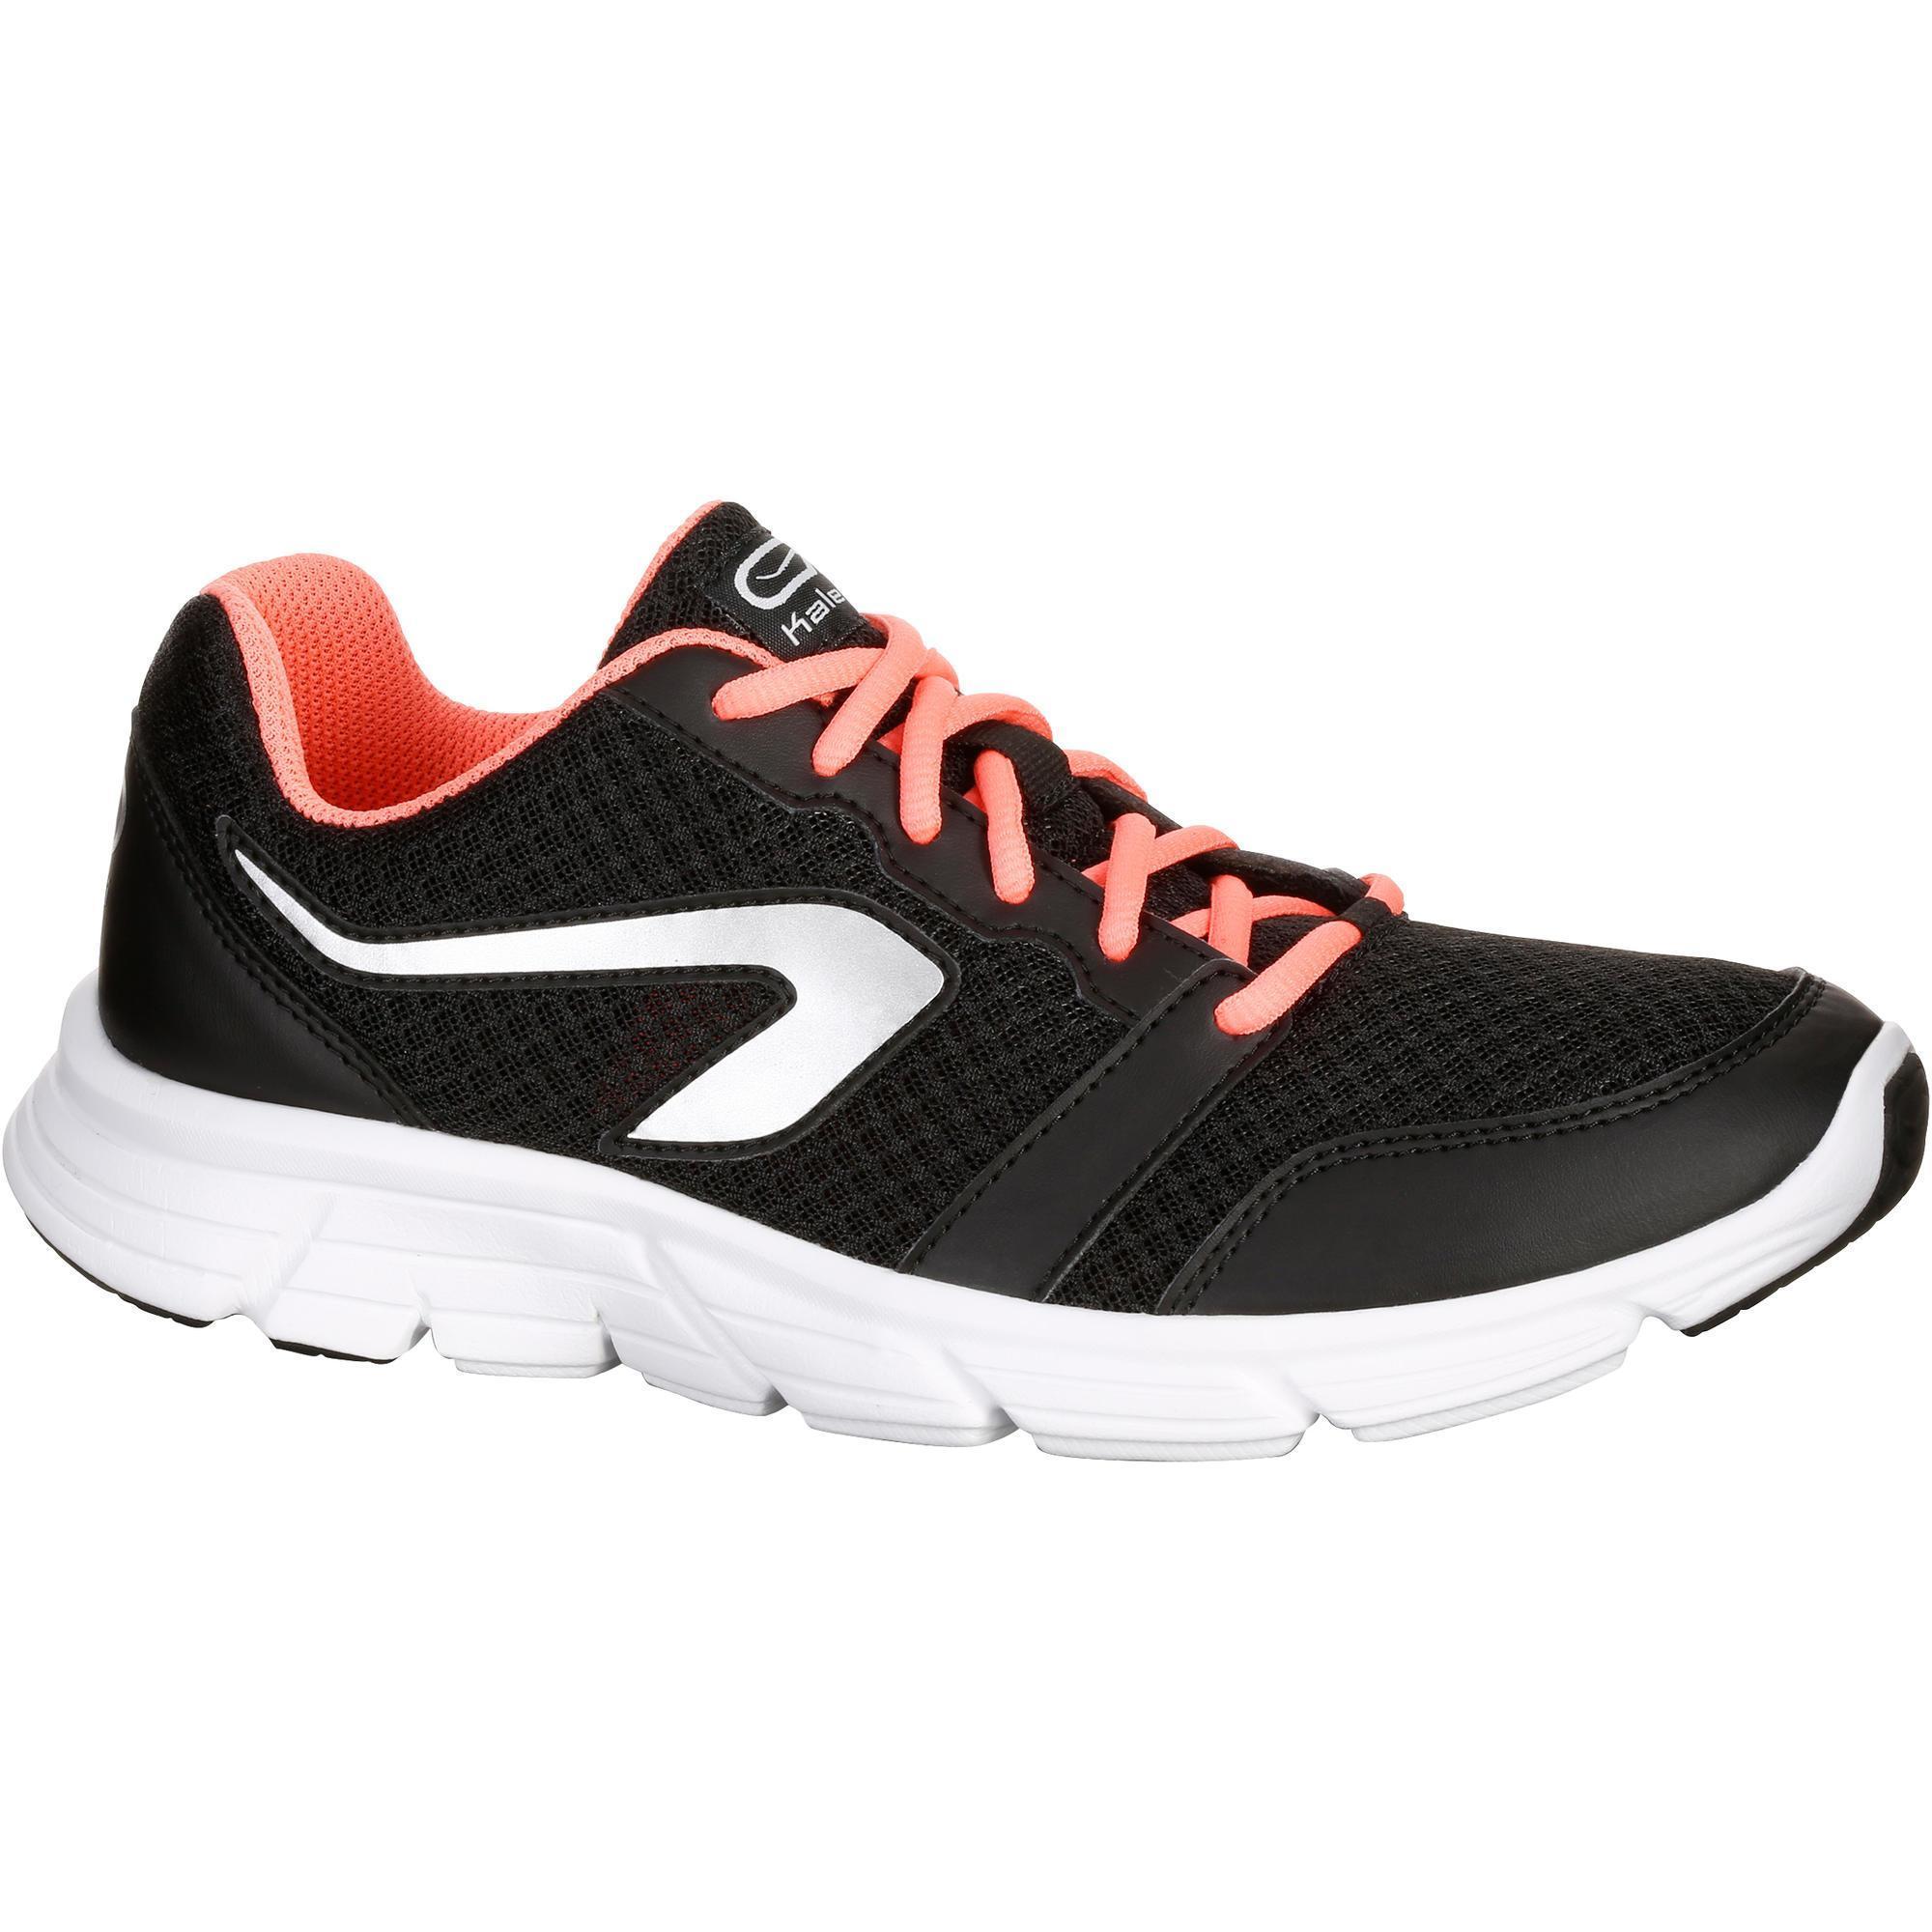 Kalenji Hardloopschoenen voor dames Run One Plus zwart/koraal